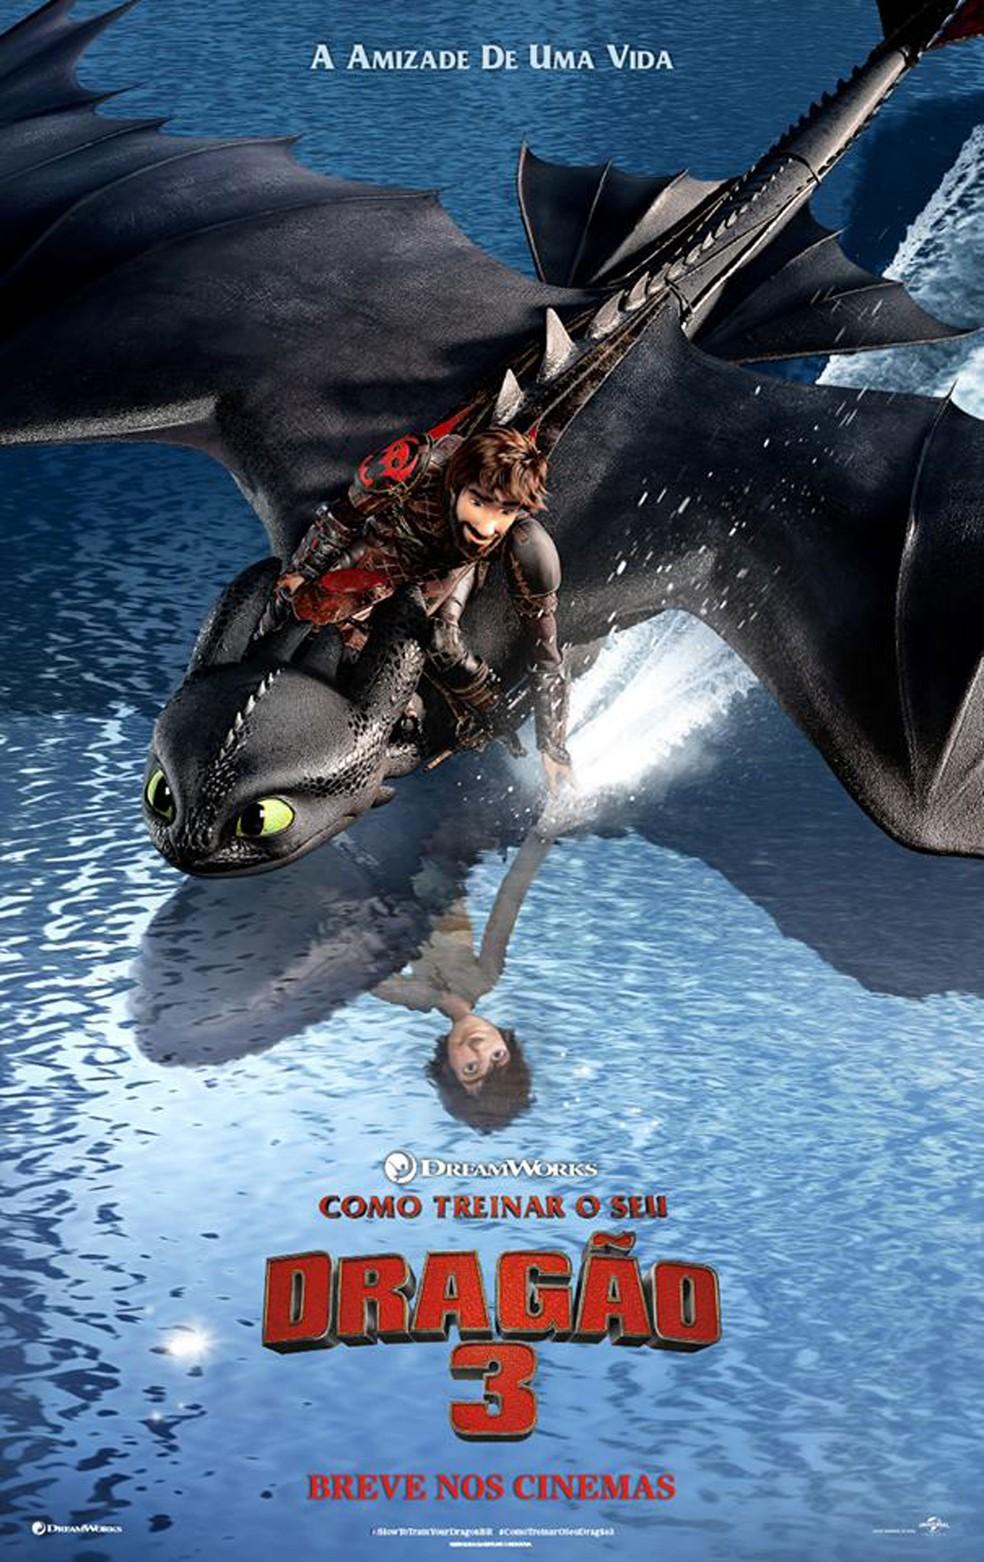 Cartaz da animação 'Como treinar o seu dragão 3' (Foto: Divulgação)